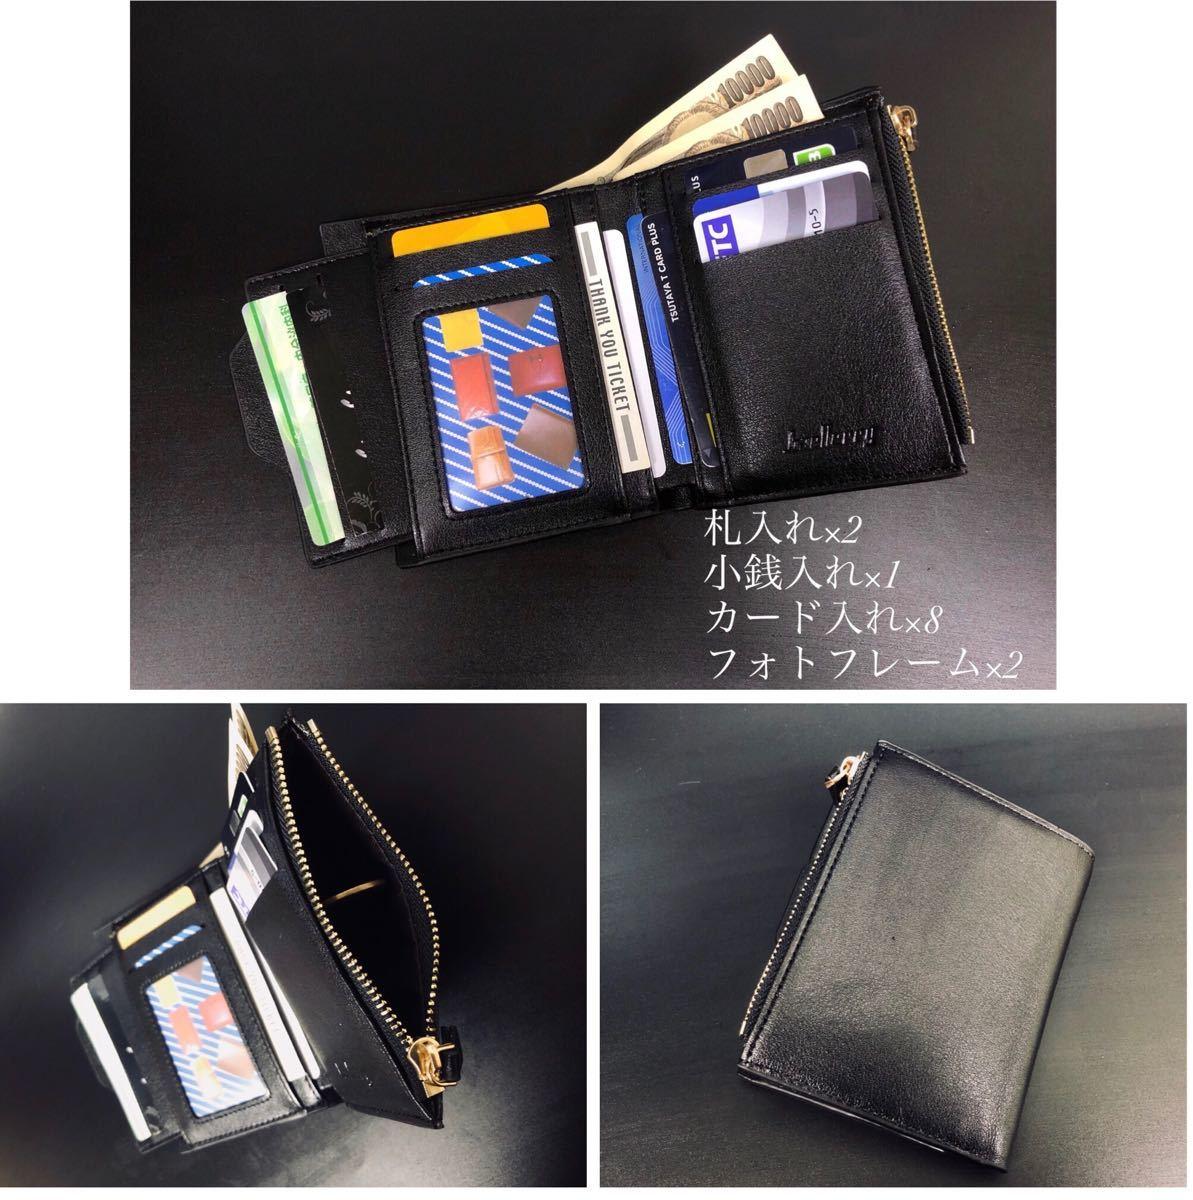 財布 二つ折り財布 レザー 革 お札入れ 小銭入れ カード入れ 名刺入れ 収納ケース コンパクト カード収納 ブラック 送料無料 20_画像2